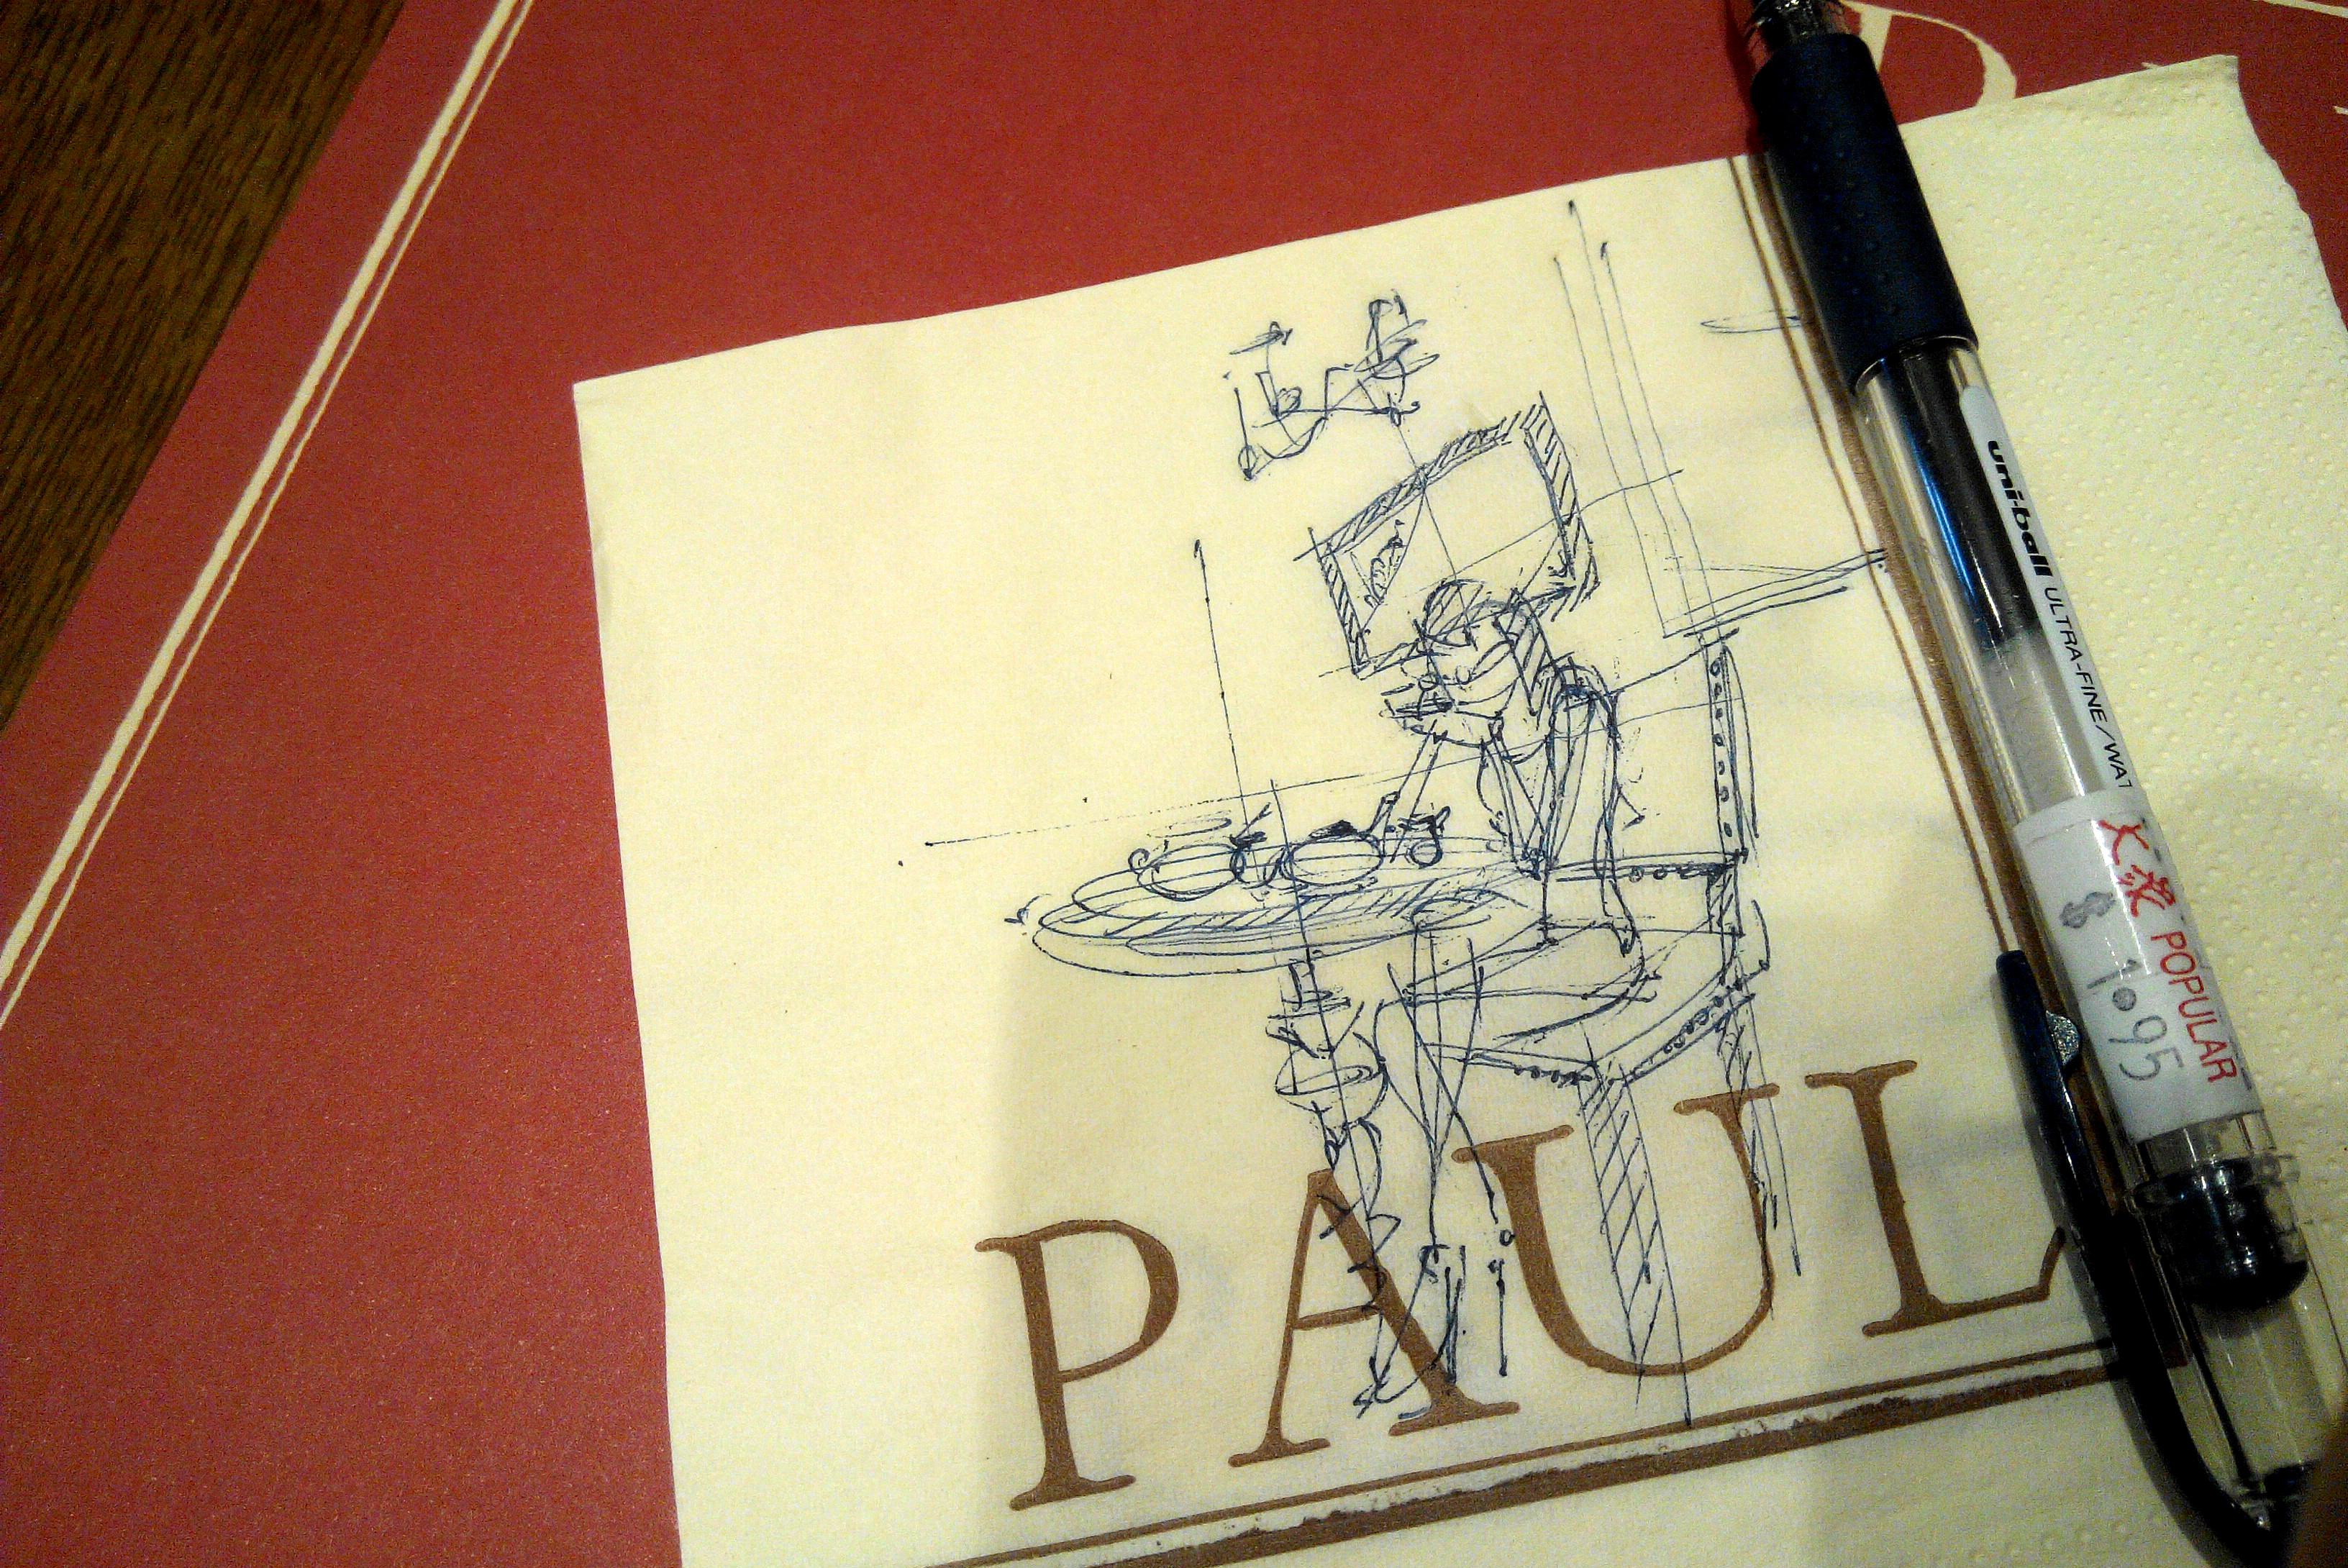 lady drinking tea sketch at paul.jpg